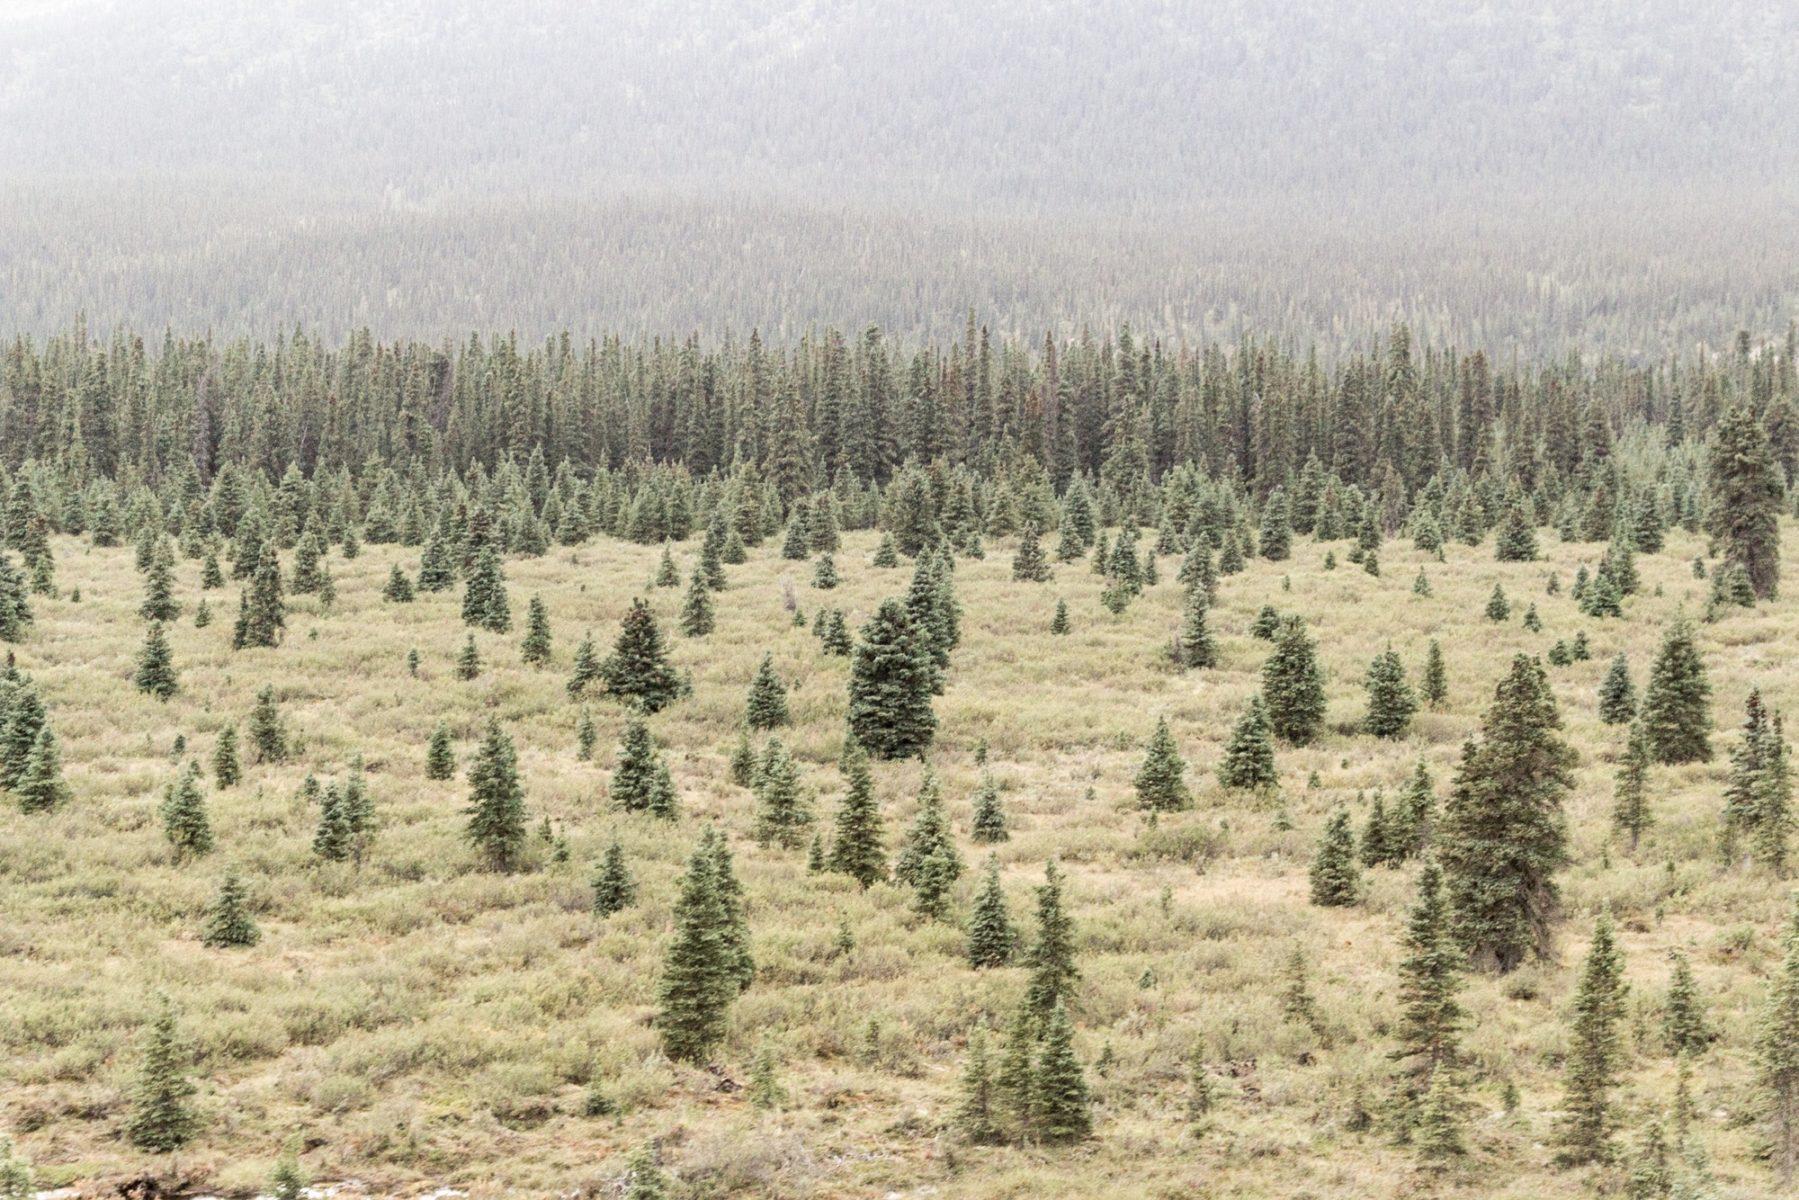 Quali sono le conseguenze degli eventi estremi sulle foreste montane?